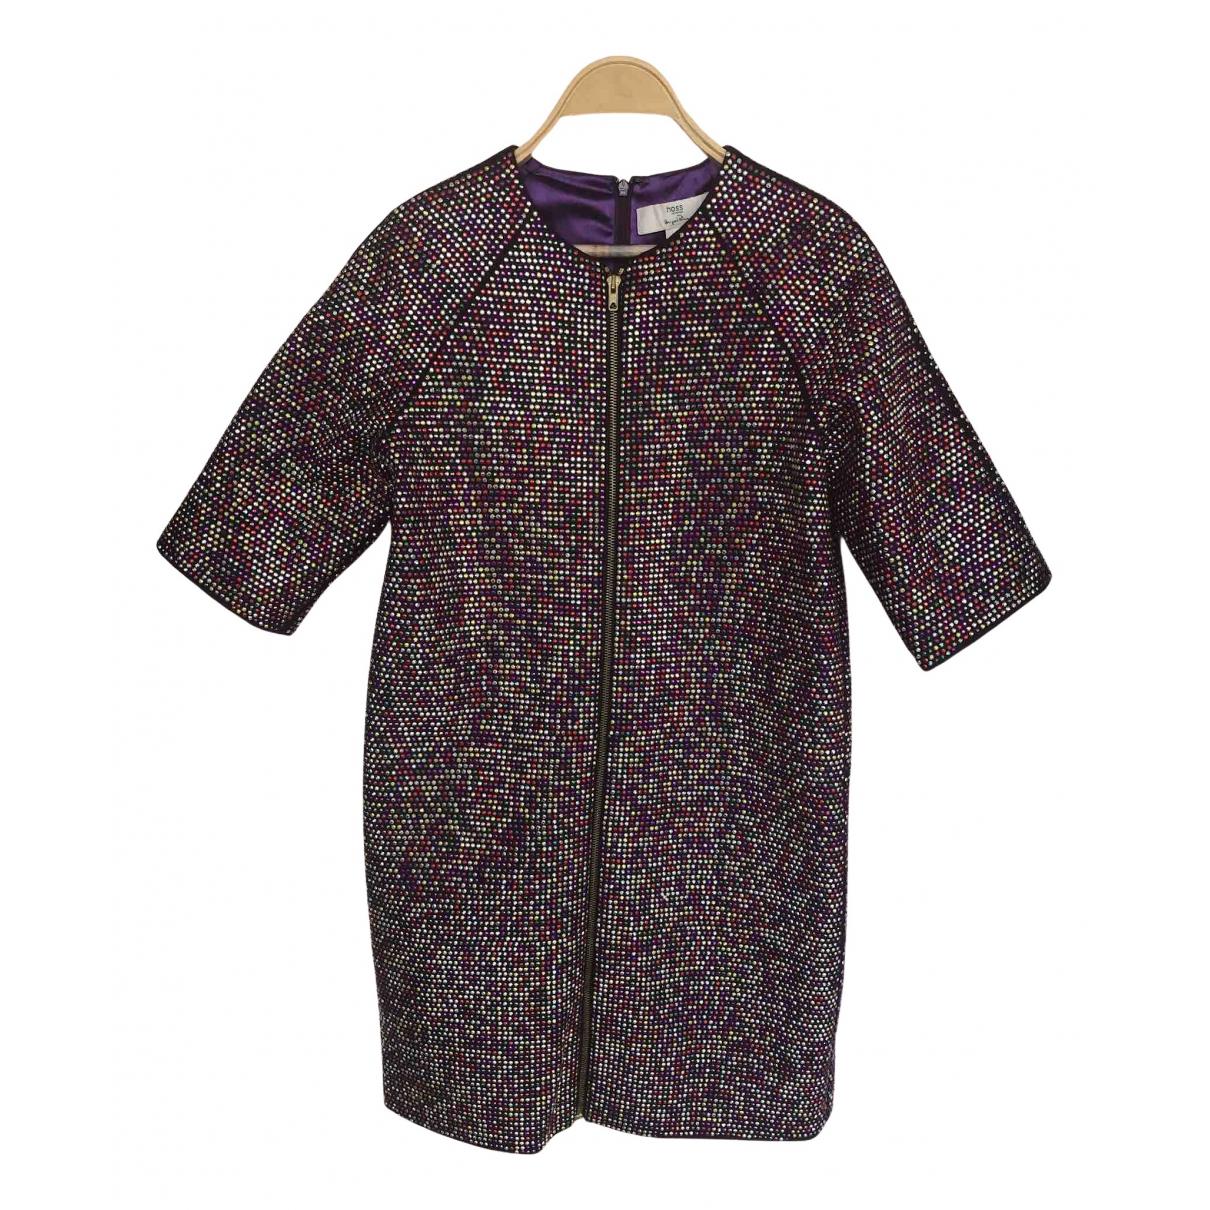 Hoss Intropia \N Kleid in  Bunt Mit Pailletten